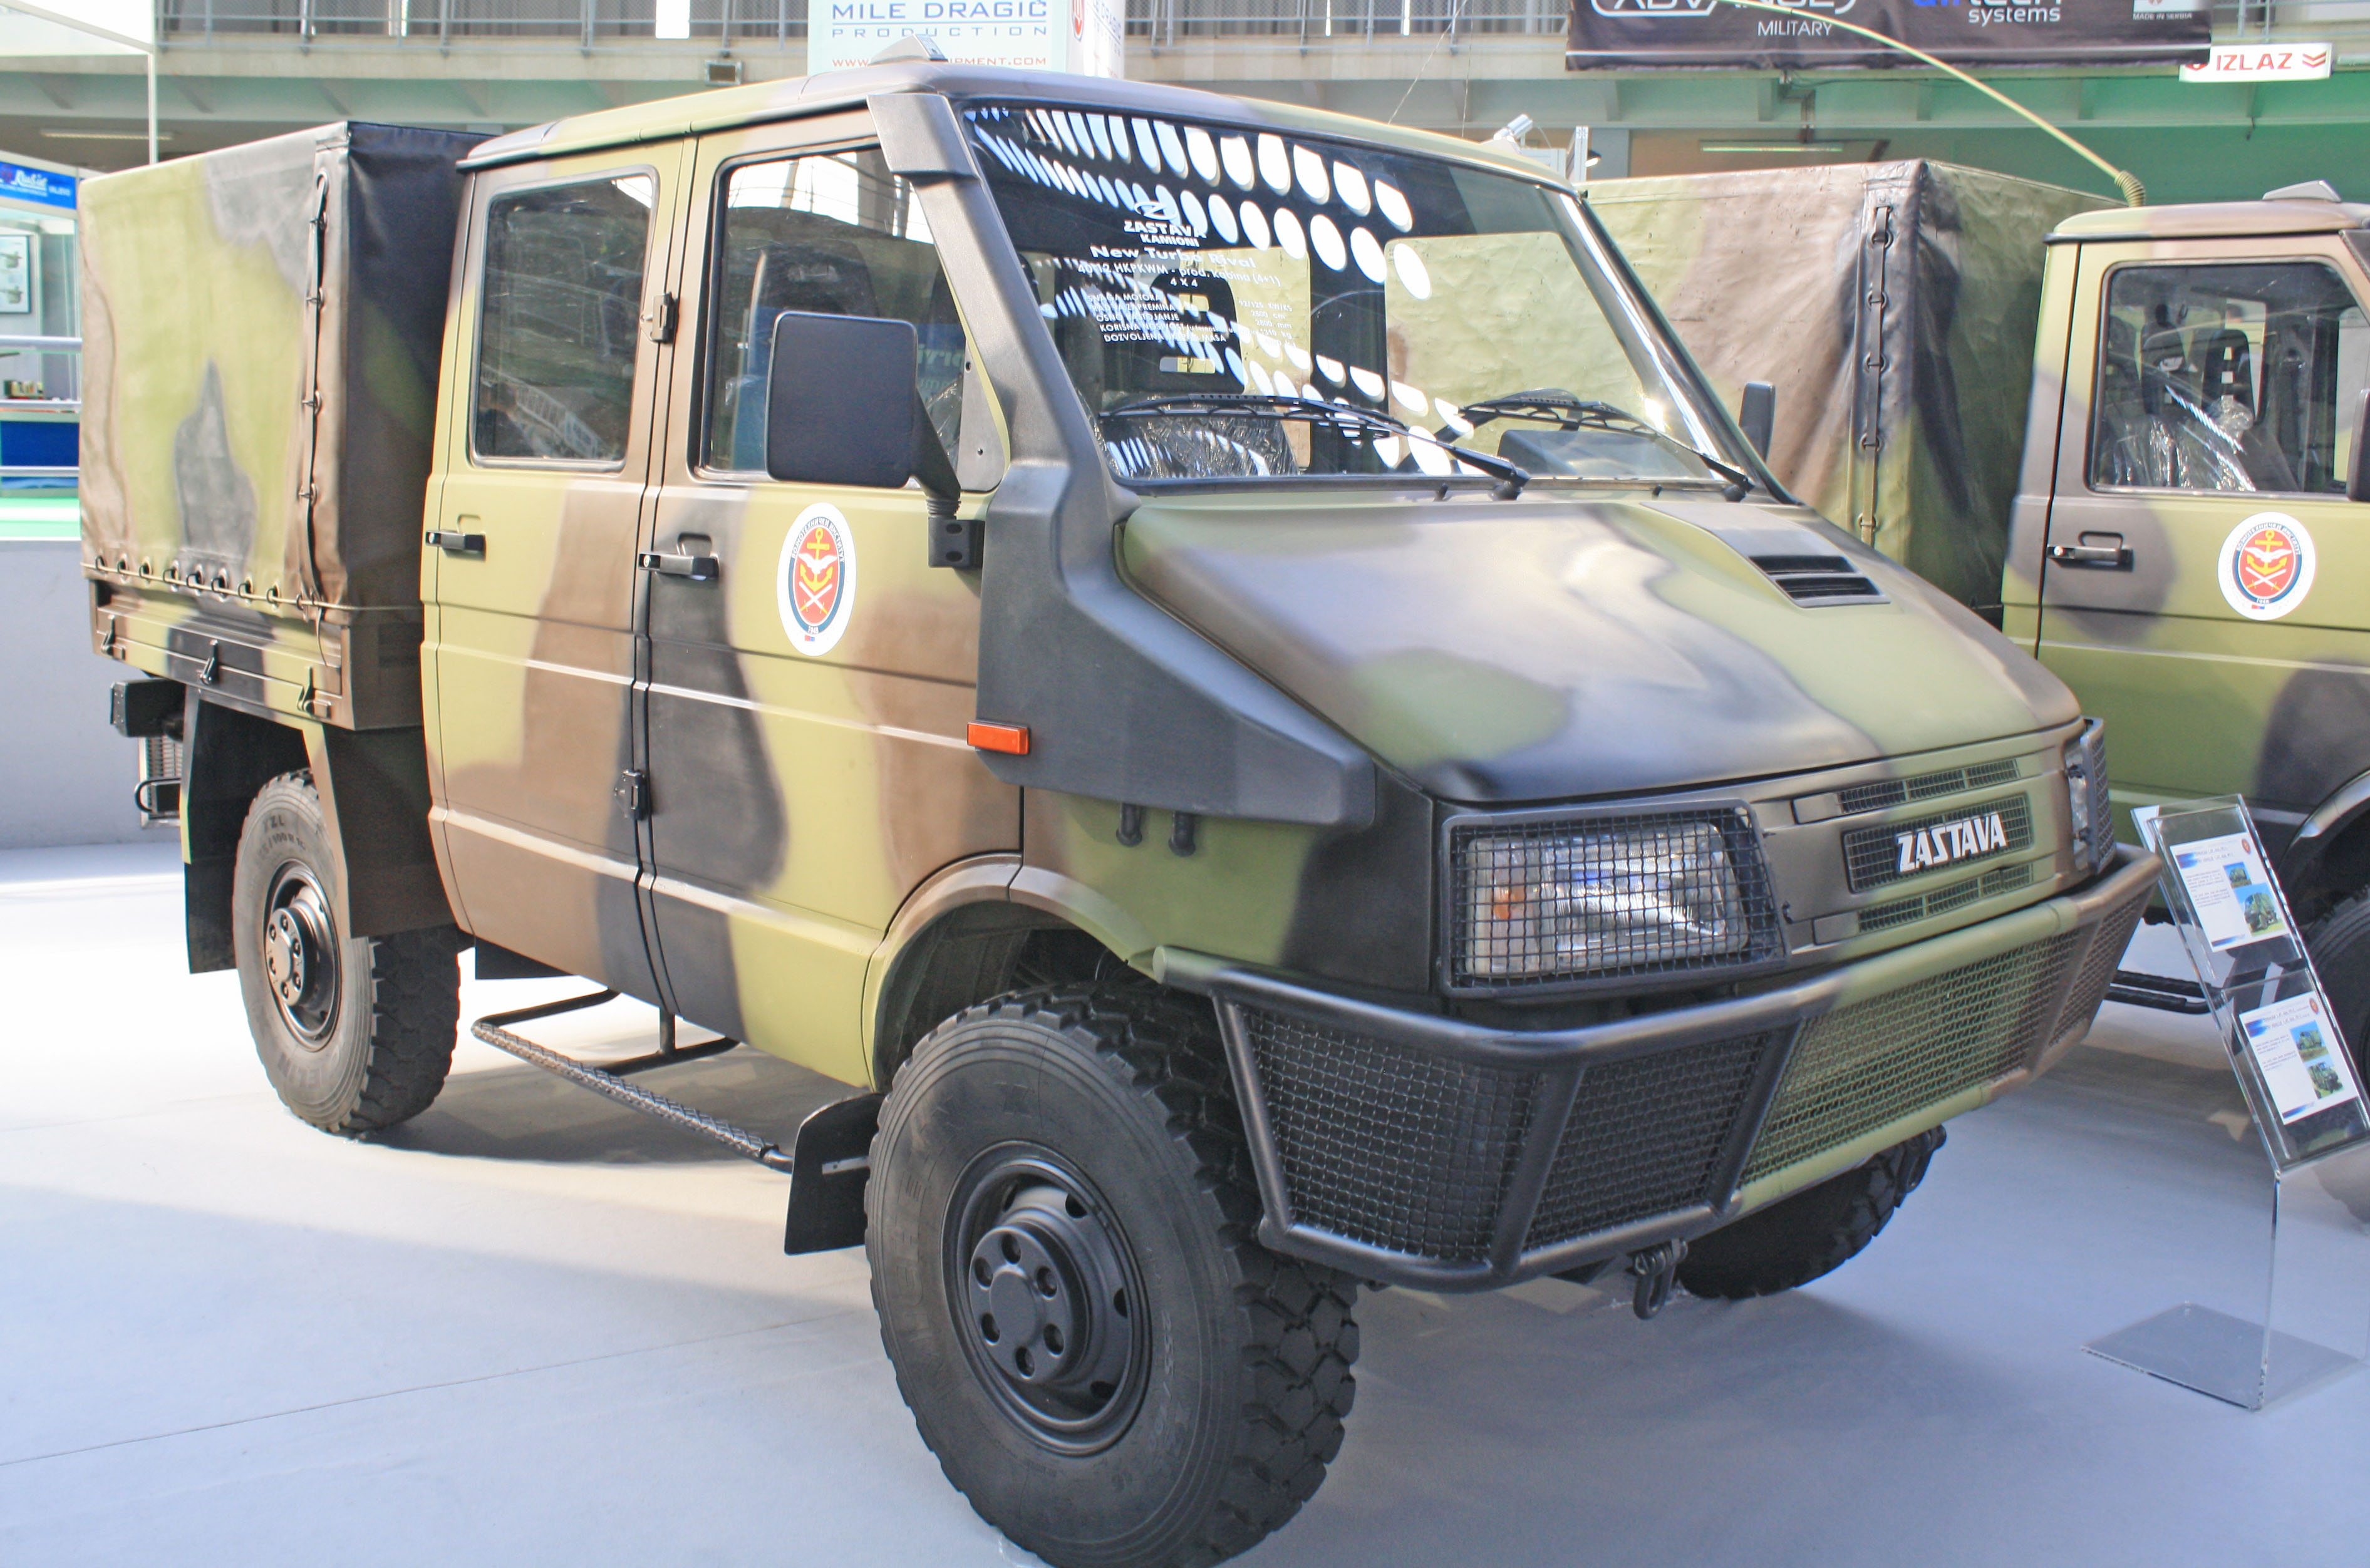 File:Zastava NTR 40 12 HKPKWM jpg - Wikimedia Commons